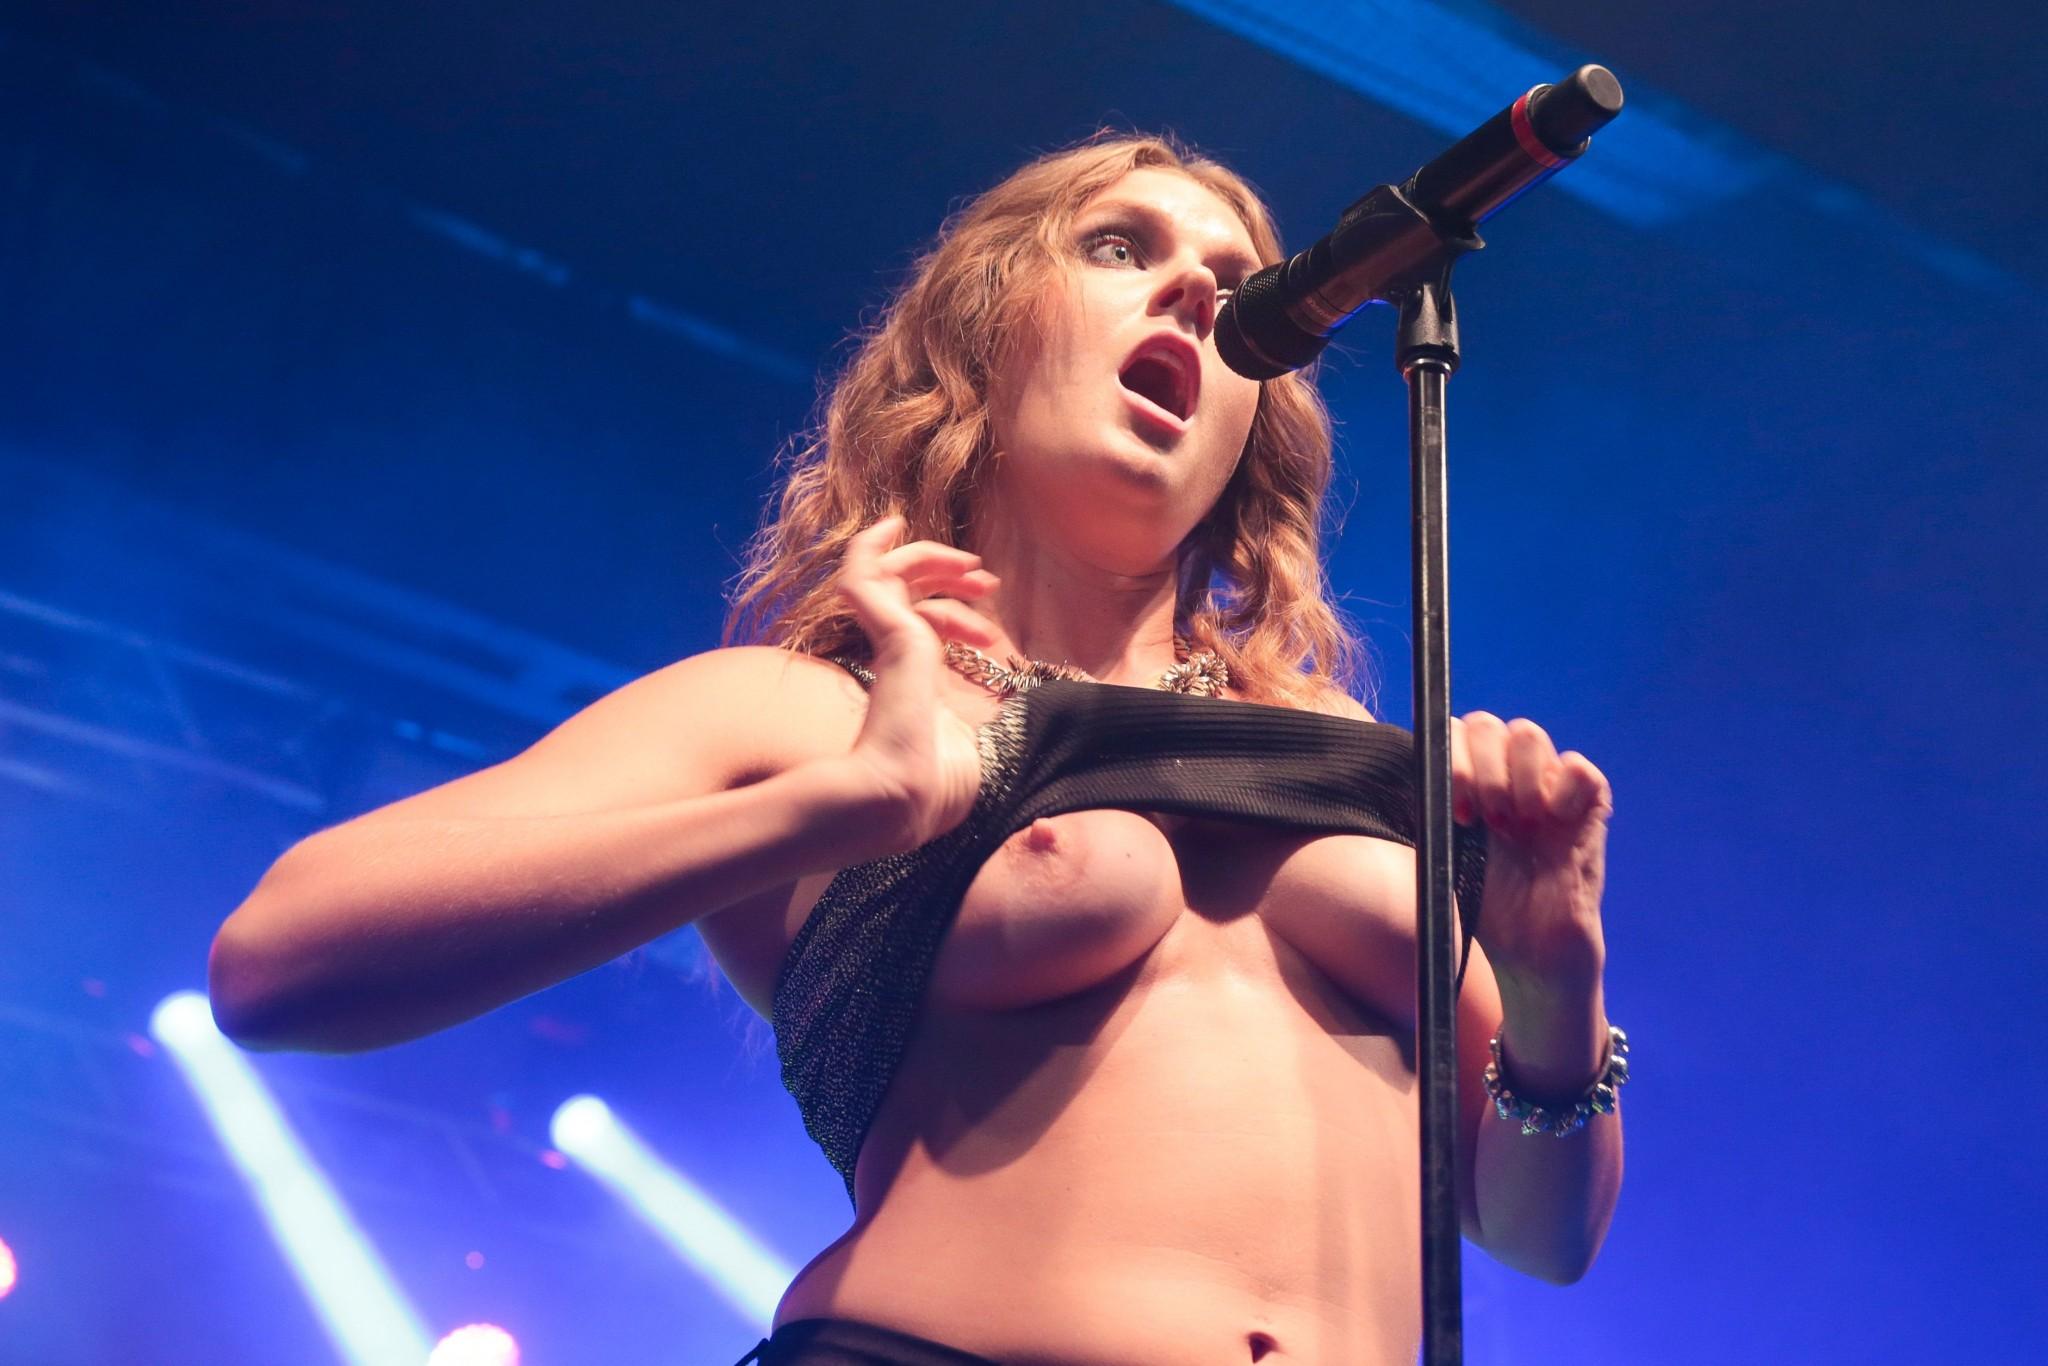 tove-lo-boobs-flash-at-a-concert-in-rio-de-janeiro-11